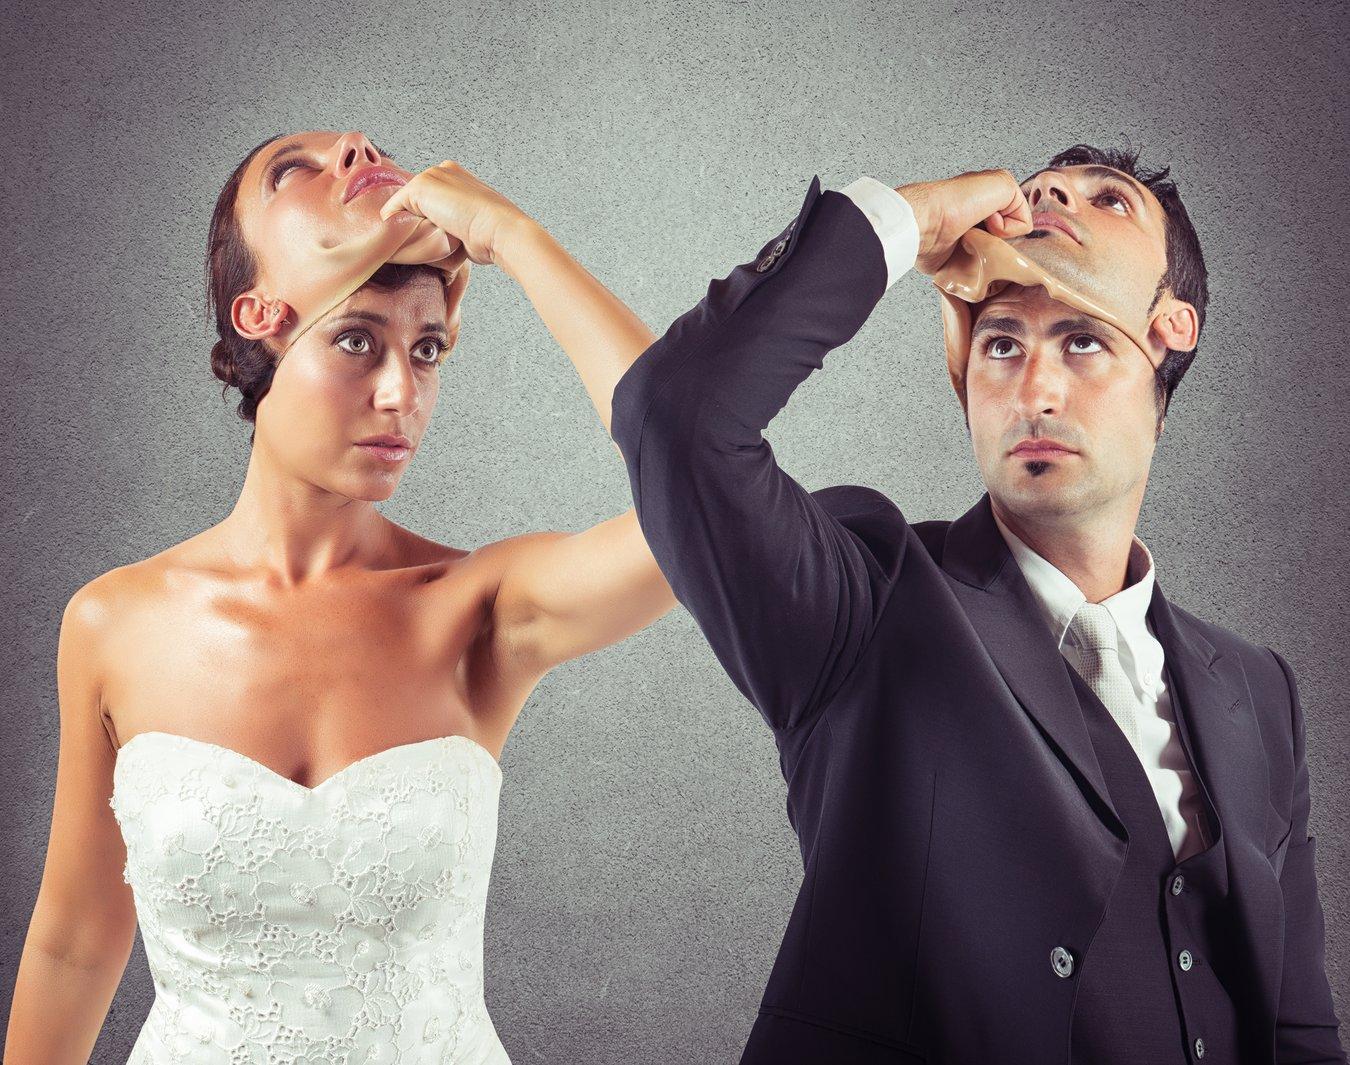 Wir alle lügen in unserer Beziehung. Wir Frauen sogar häufiger als unsere Partner.